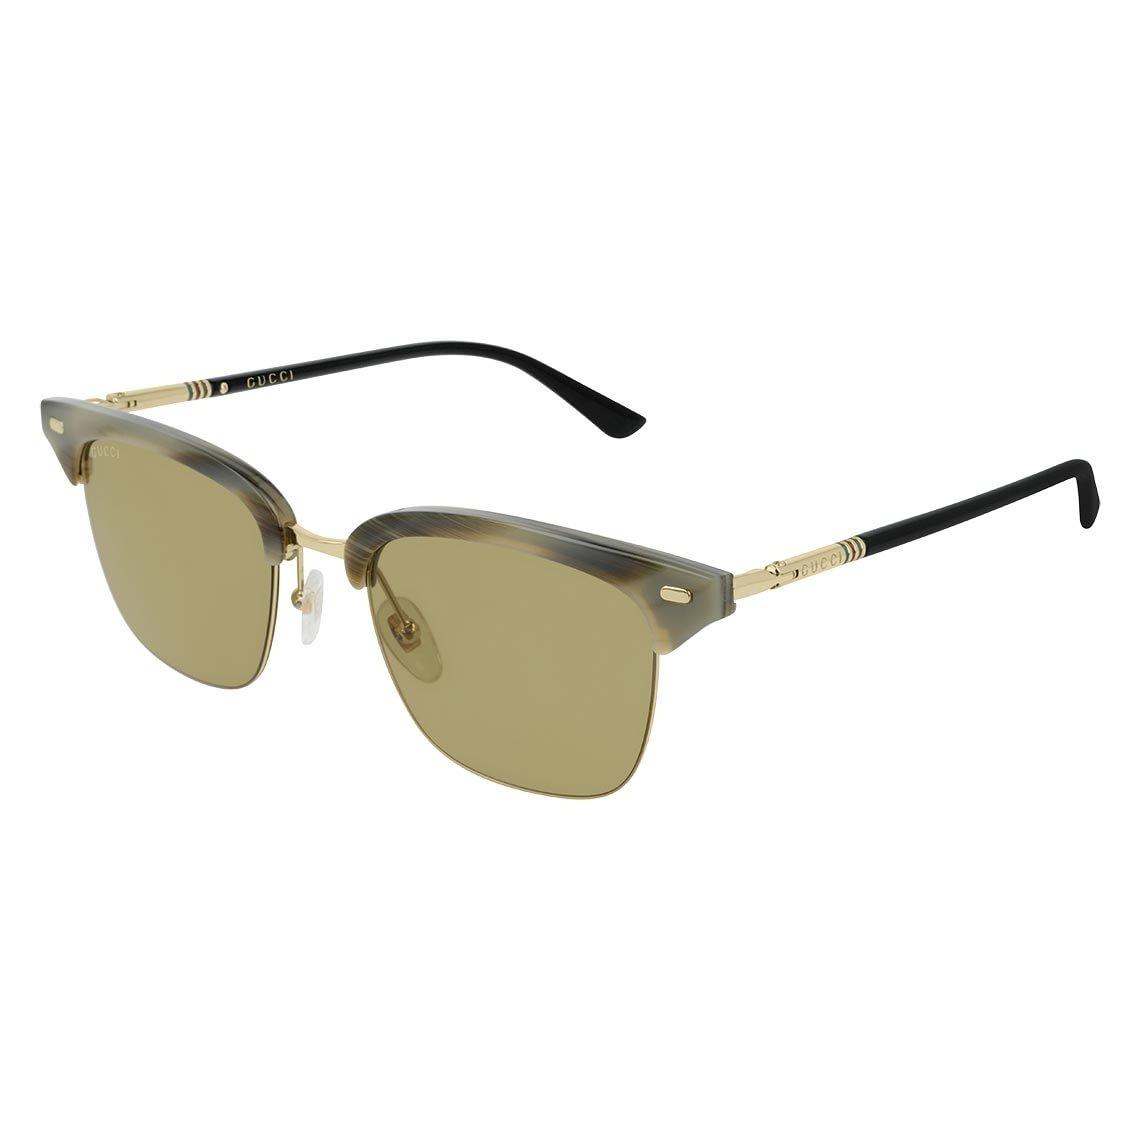 Gucci GG 0389S 004 5120